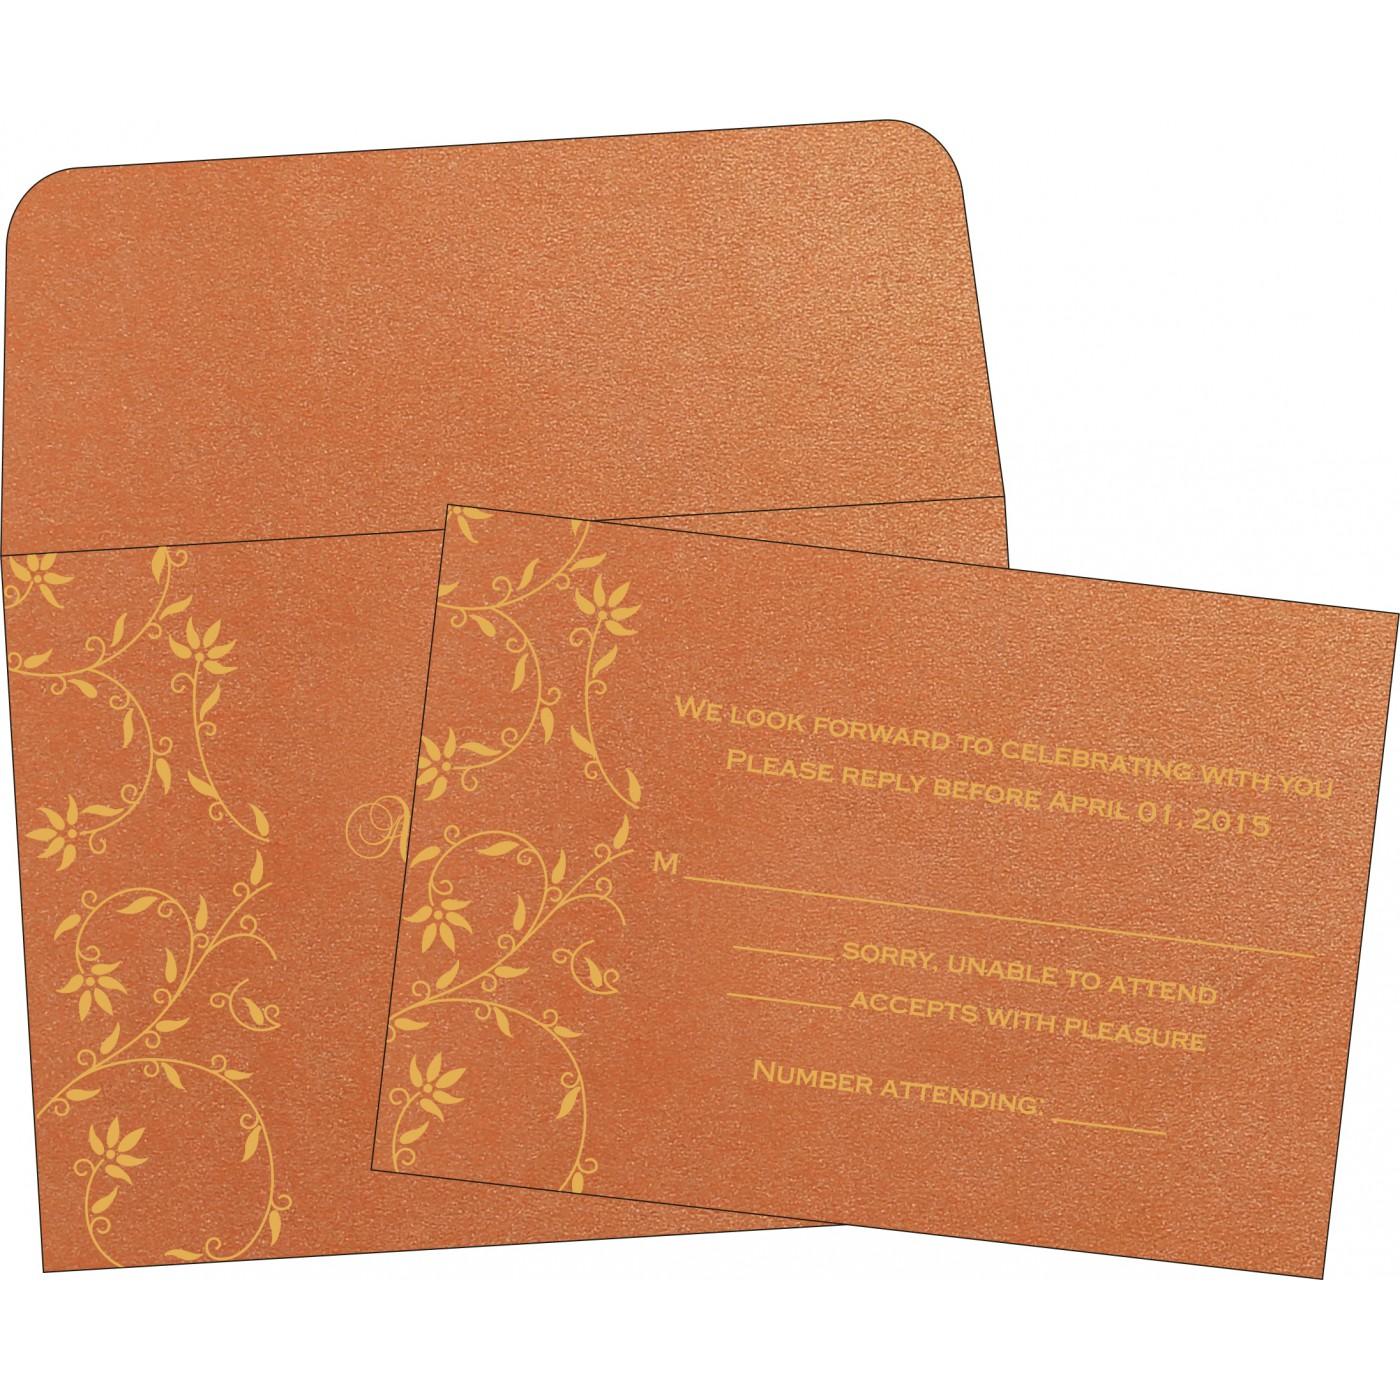 RSVP Cards : CRSVP-8226E